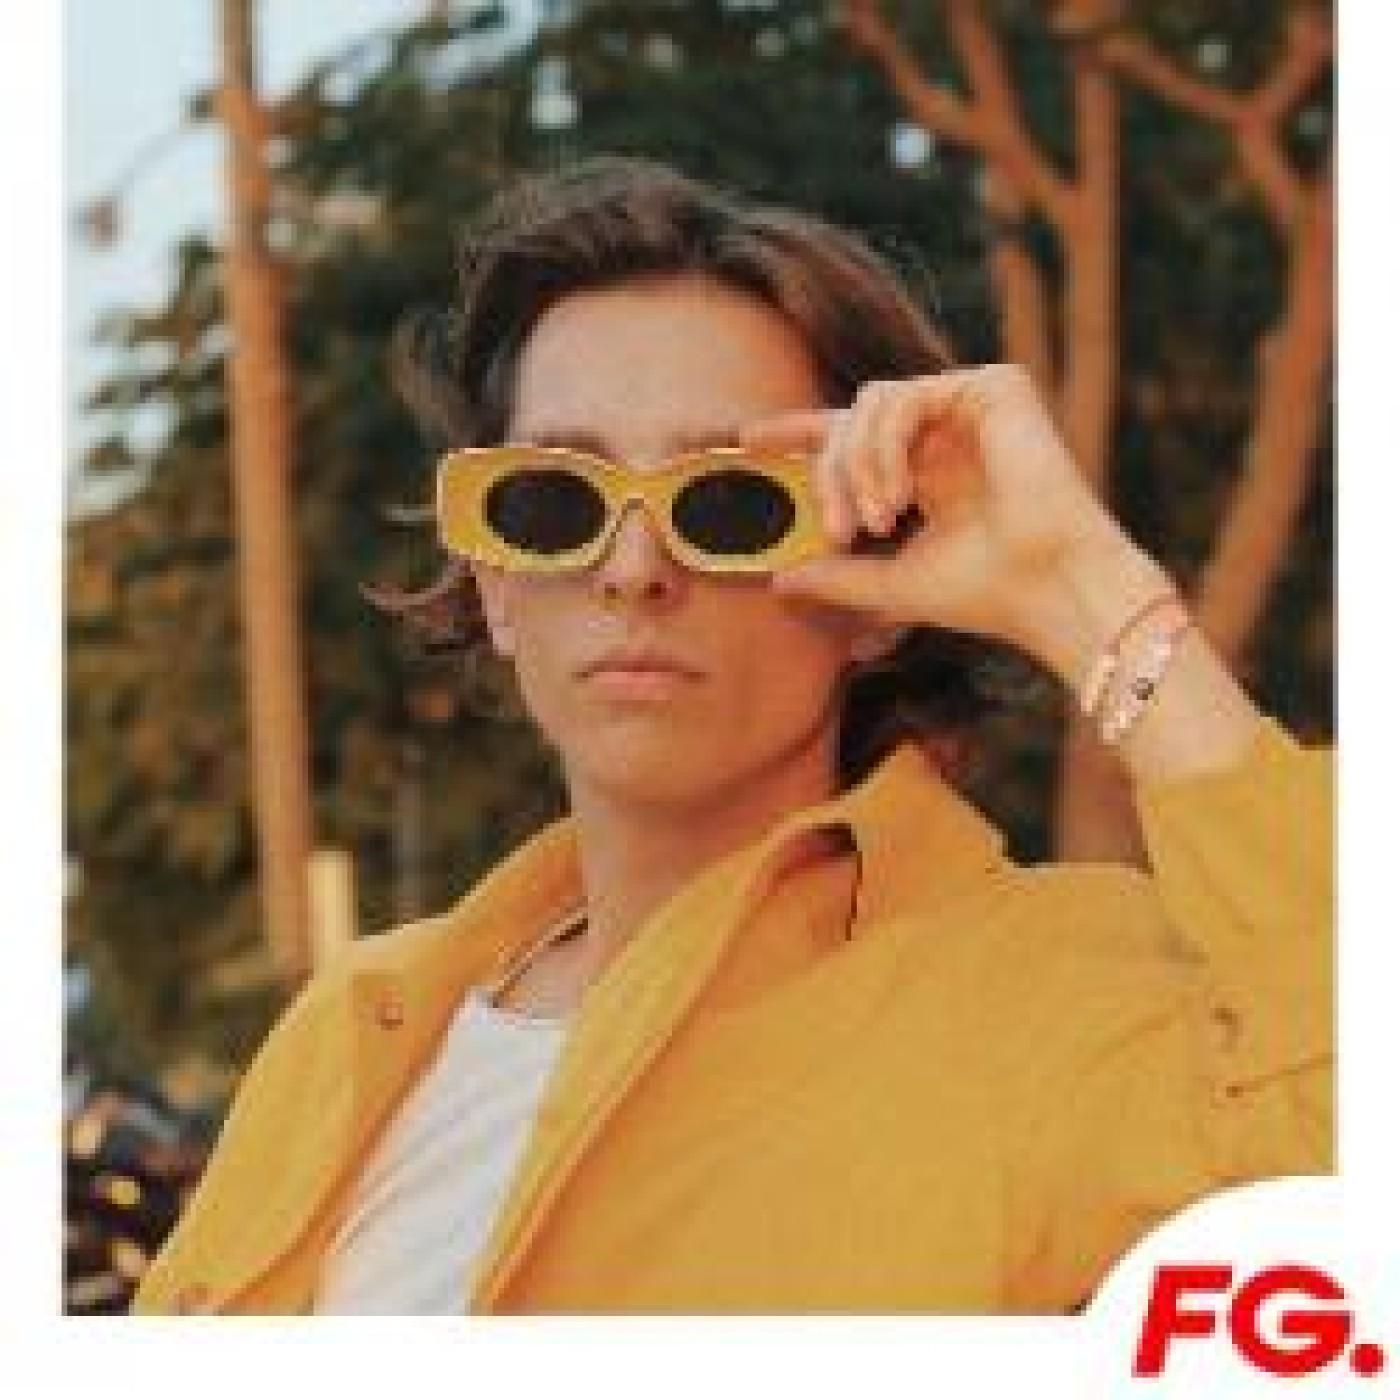 CLUB FG : BLOWSOM